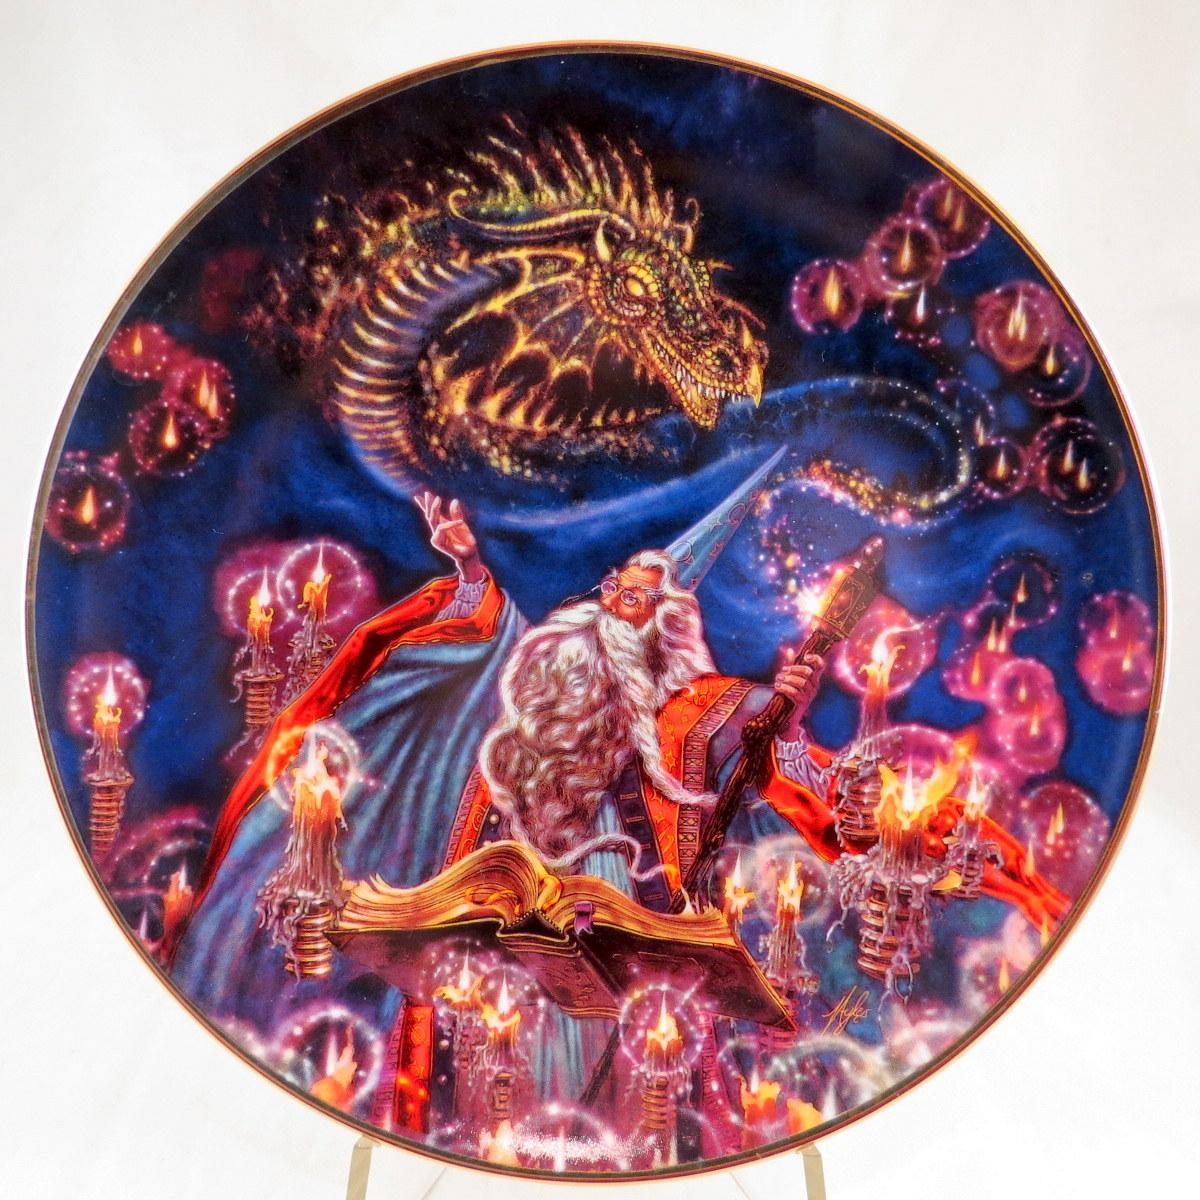 Декоративная коллекционная тарелка Сила магии: Призыв Дракона. Фарфор, деколь, золочение. Великобритания, Royal Doulton, Майлз Пинкни. 1990-е гг. декоративная тарелка delphi магия мерилин отличный кадр фарфор деколь золочение сша крис нотарил 1993